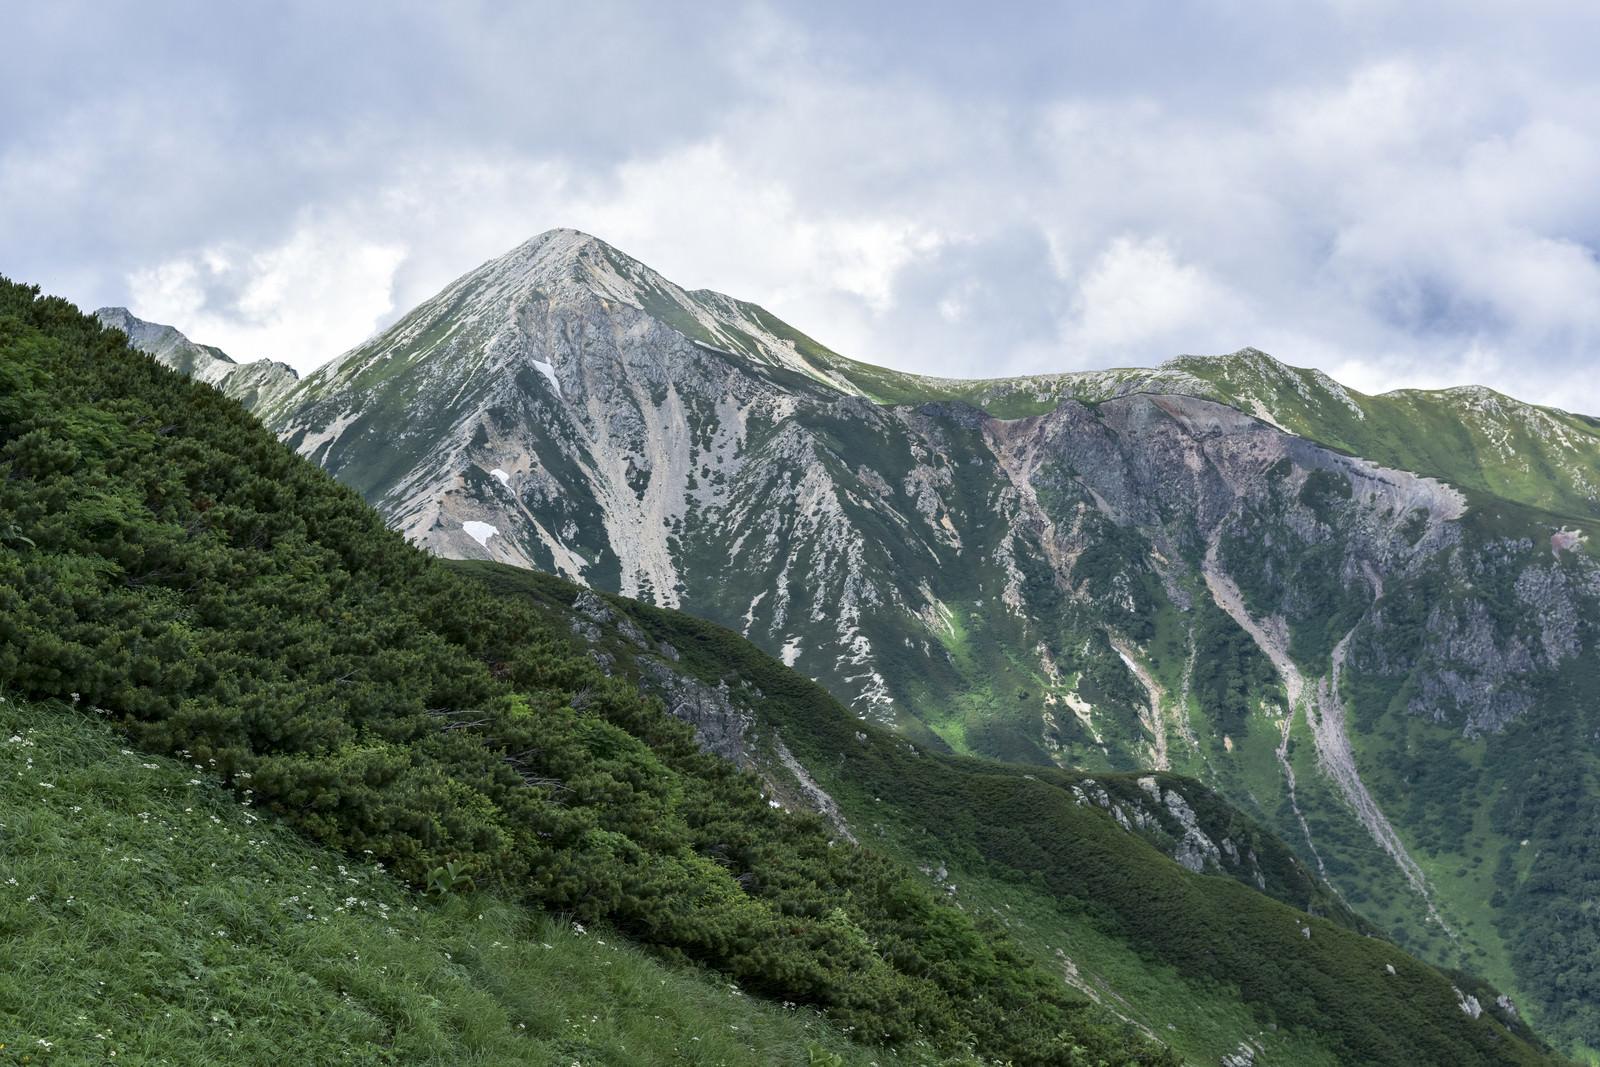 「登山道の向こうに顔を出す鷲羽岳の白い斜面」の写真